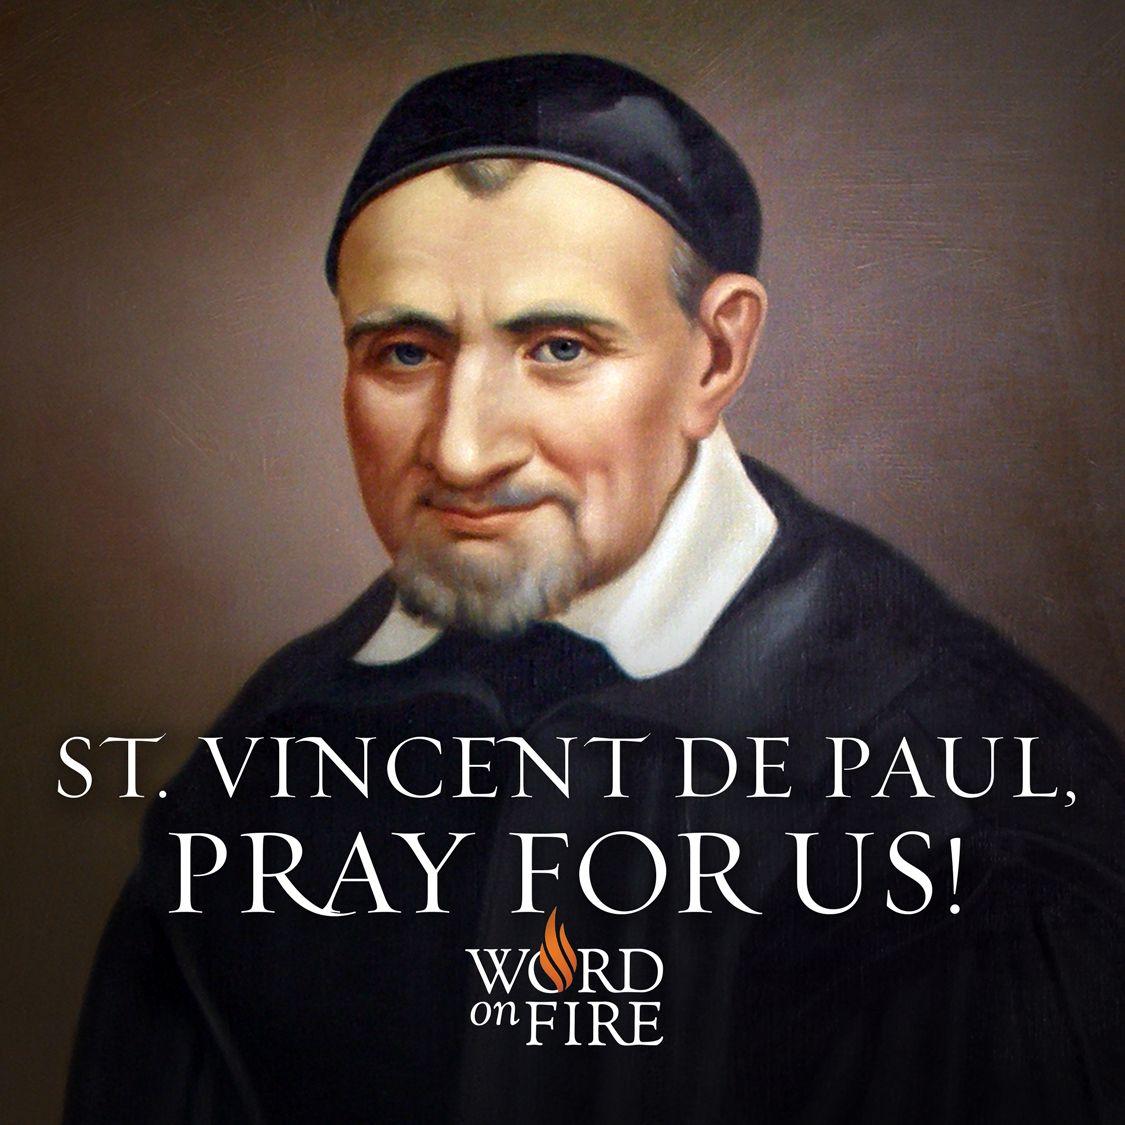 st vincent de paul pray for us saints pinterest spiritual catholic saints and quote. Black Bedroom Furniture Sets. Home Design Ideas